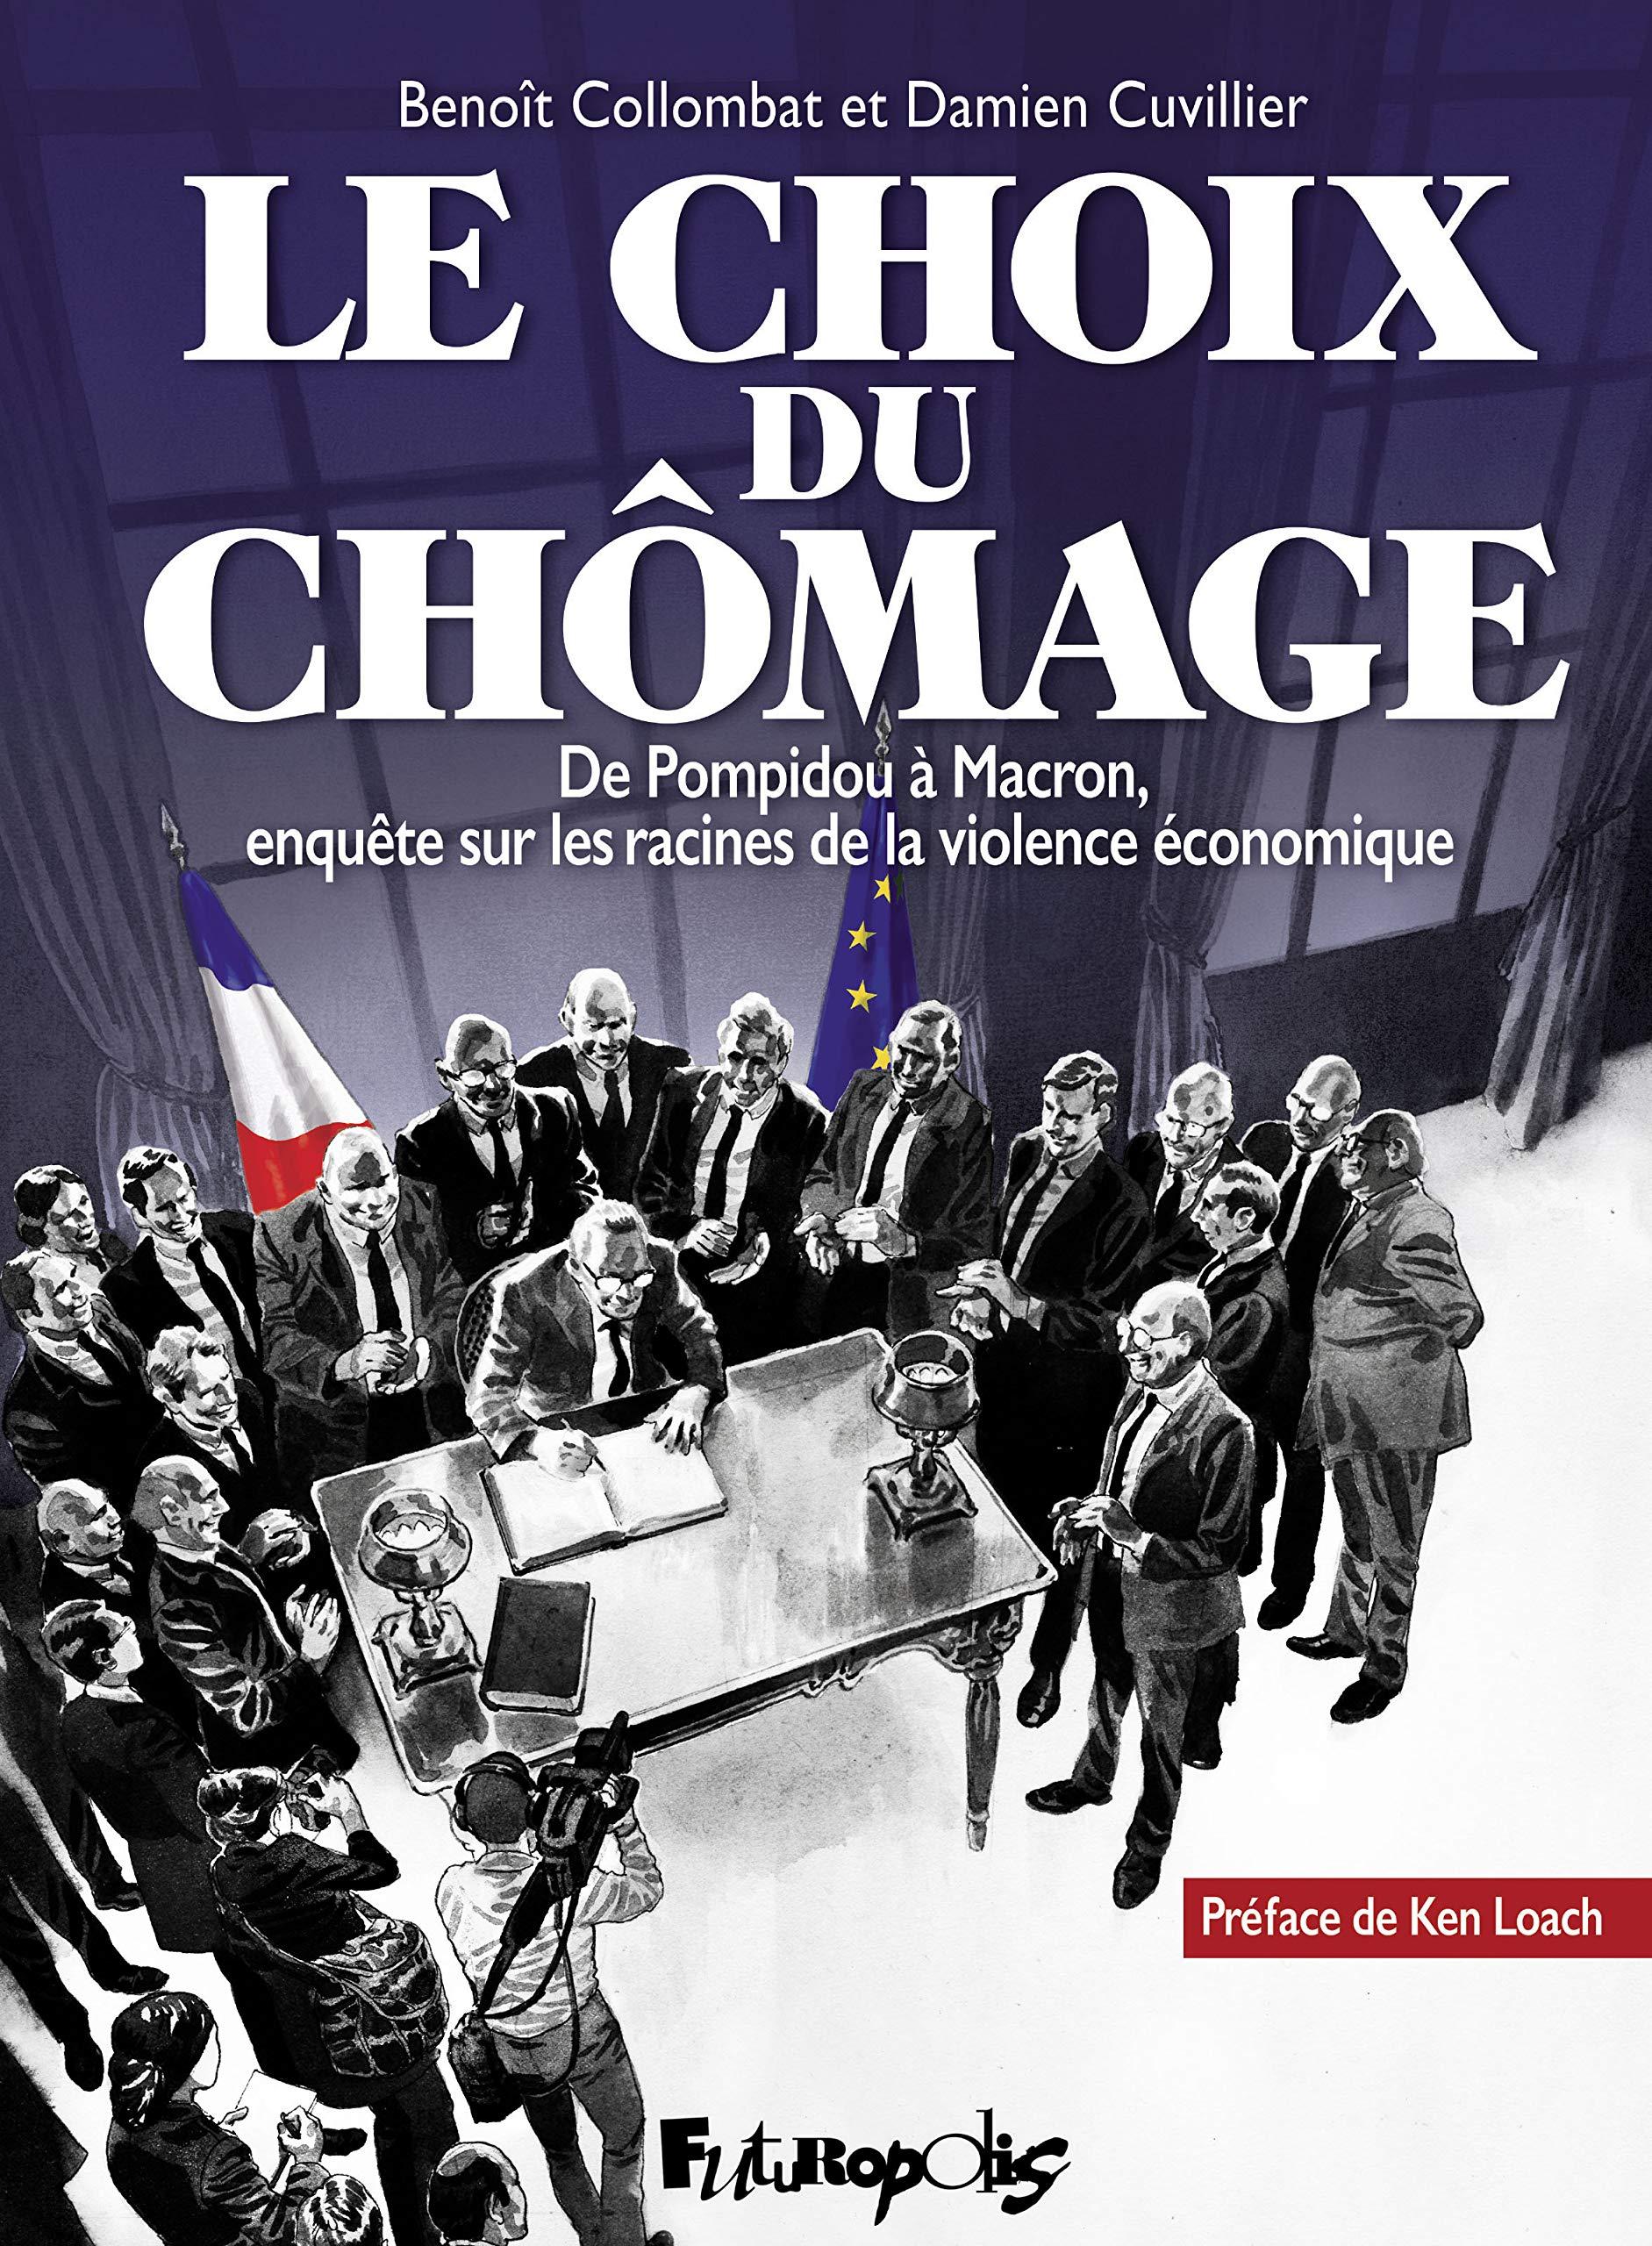 Le choix du chômage 1 - De Pompidou à Macron, enquête sur les racines de la violence économique